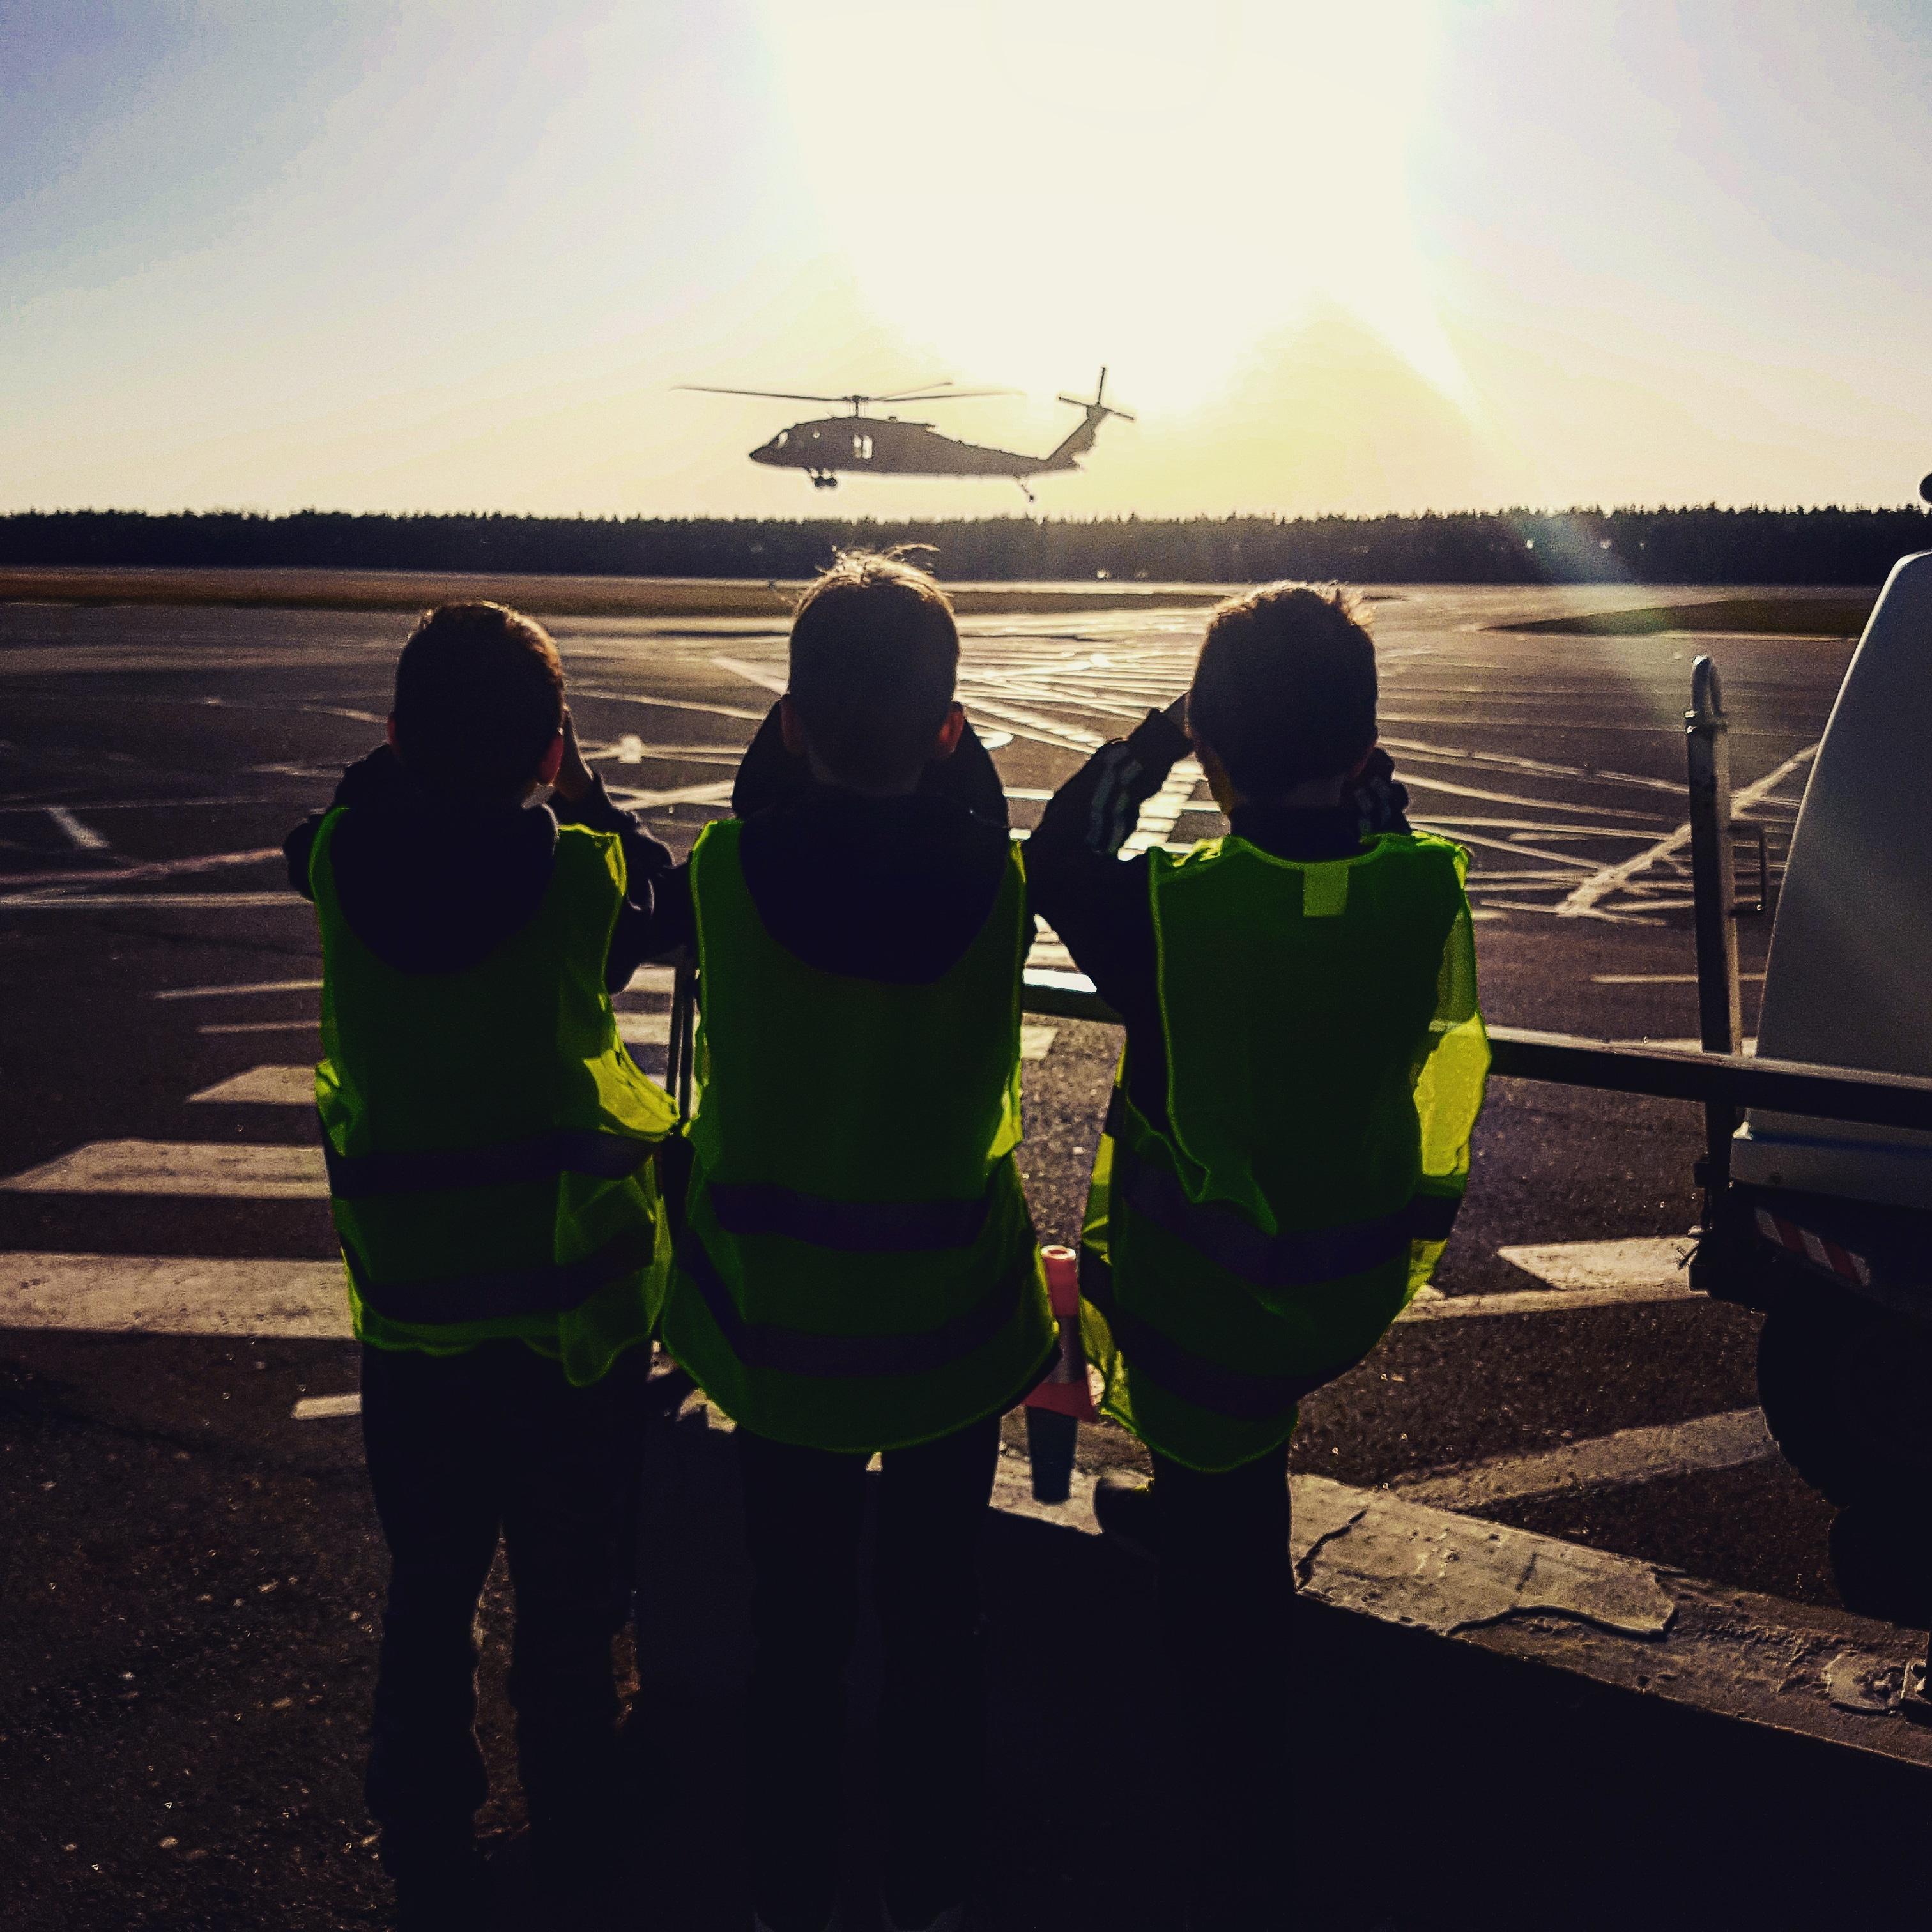 Uosto užkardos jaunojo pasieniečio būrelio nariai lankėsi Palangos oro uoste